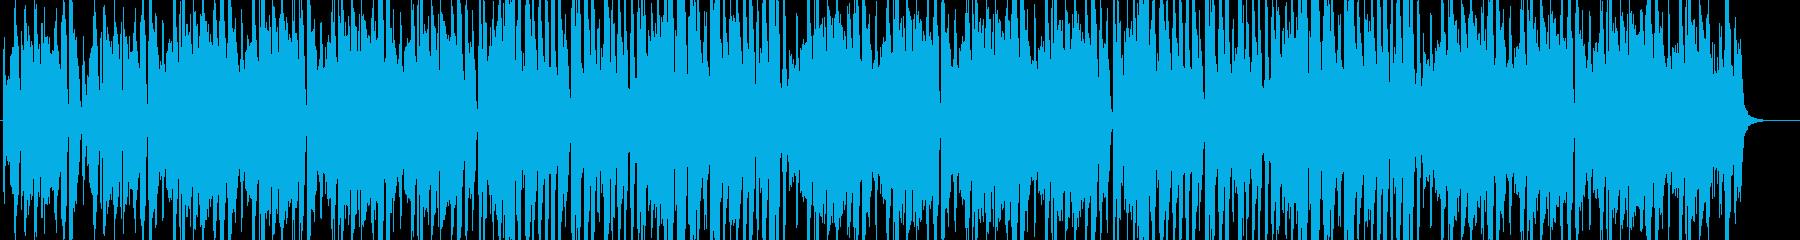 お洒落で明るい雰囲気のアコーディオン曲の再生済みの波形